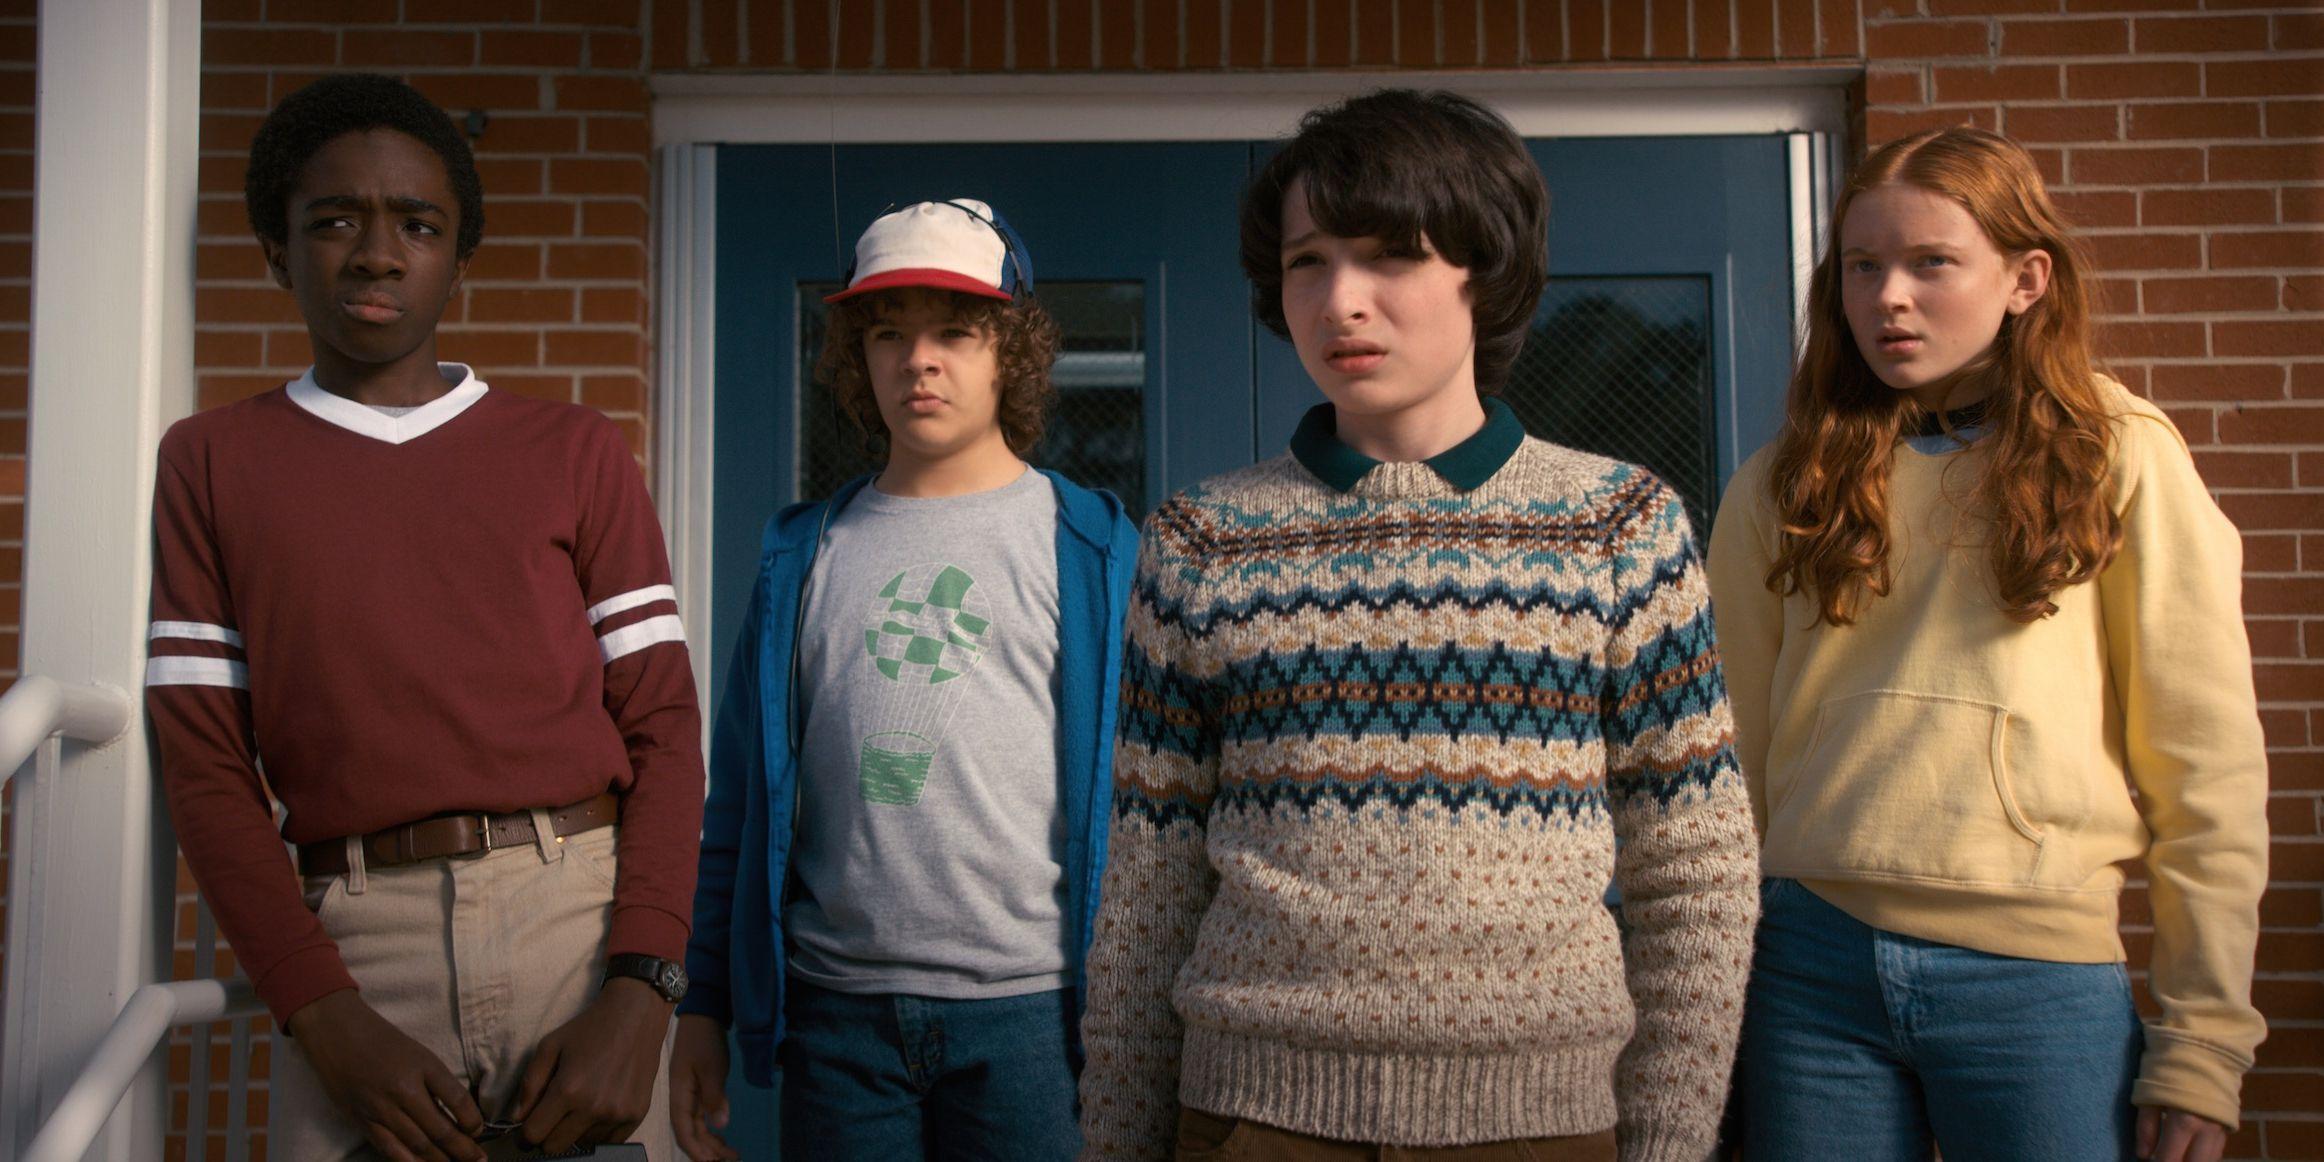 'Stranger Things' season 2